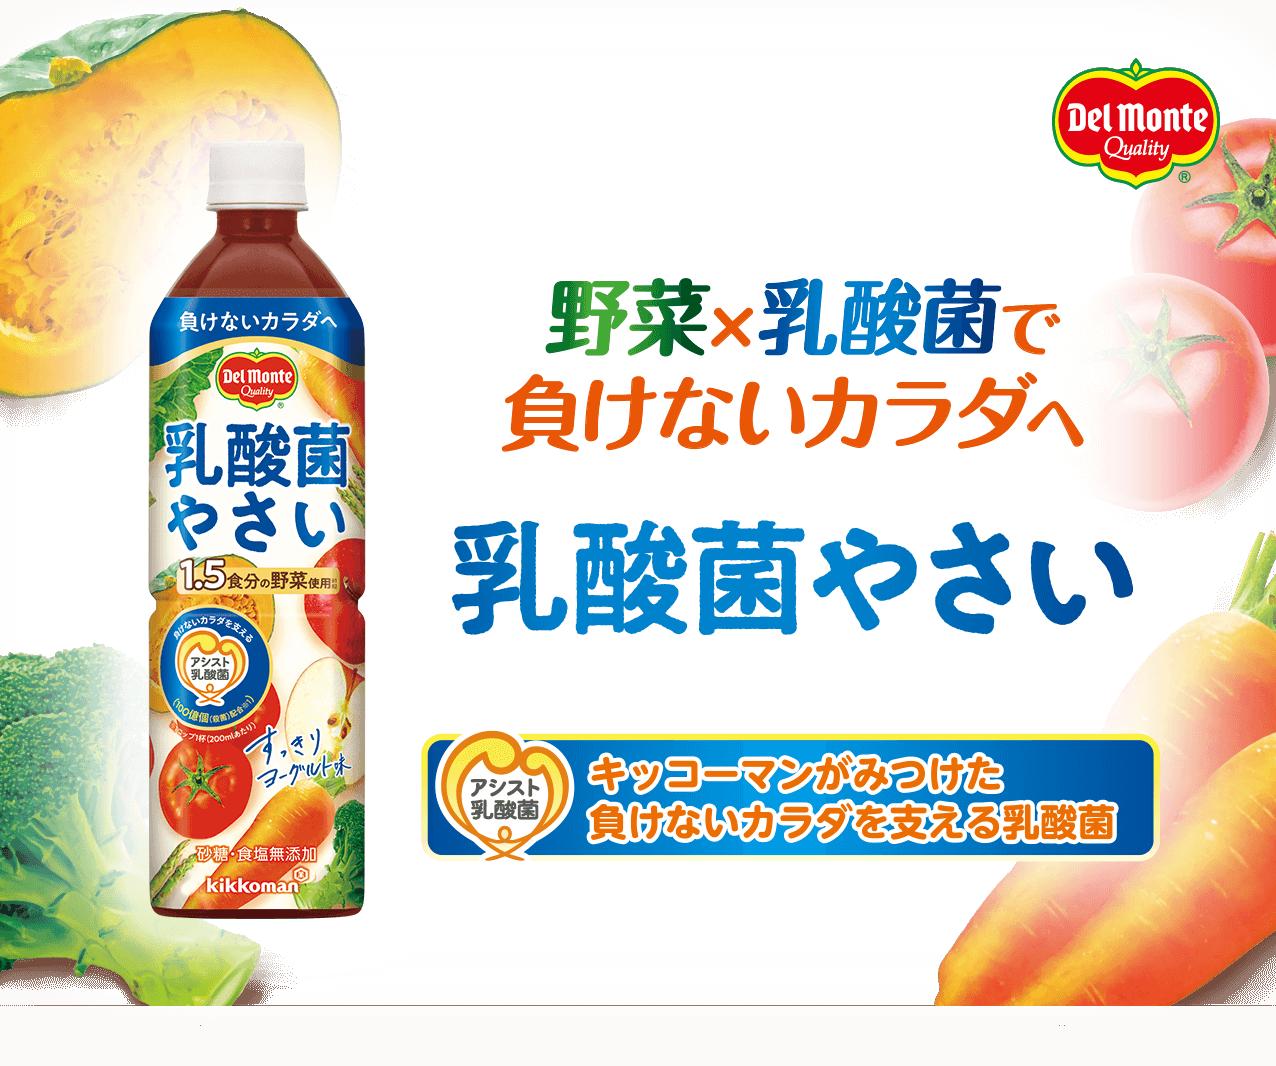 野菜×乳酸菌で負けないカラダへ 乳酸菌やさい